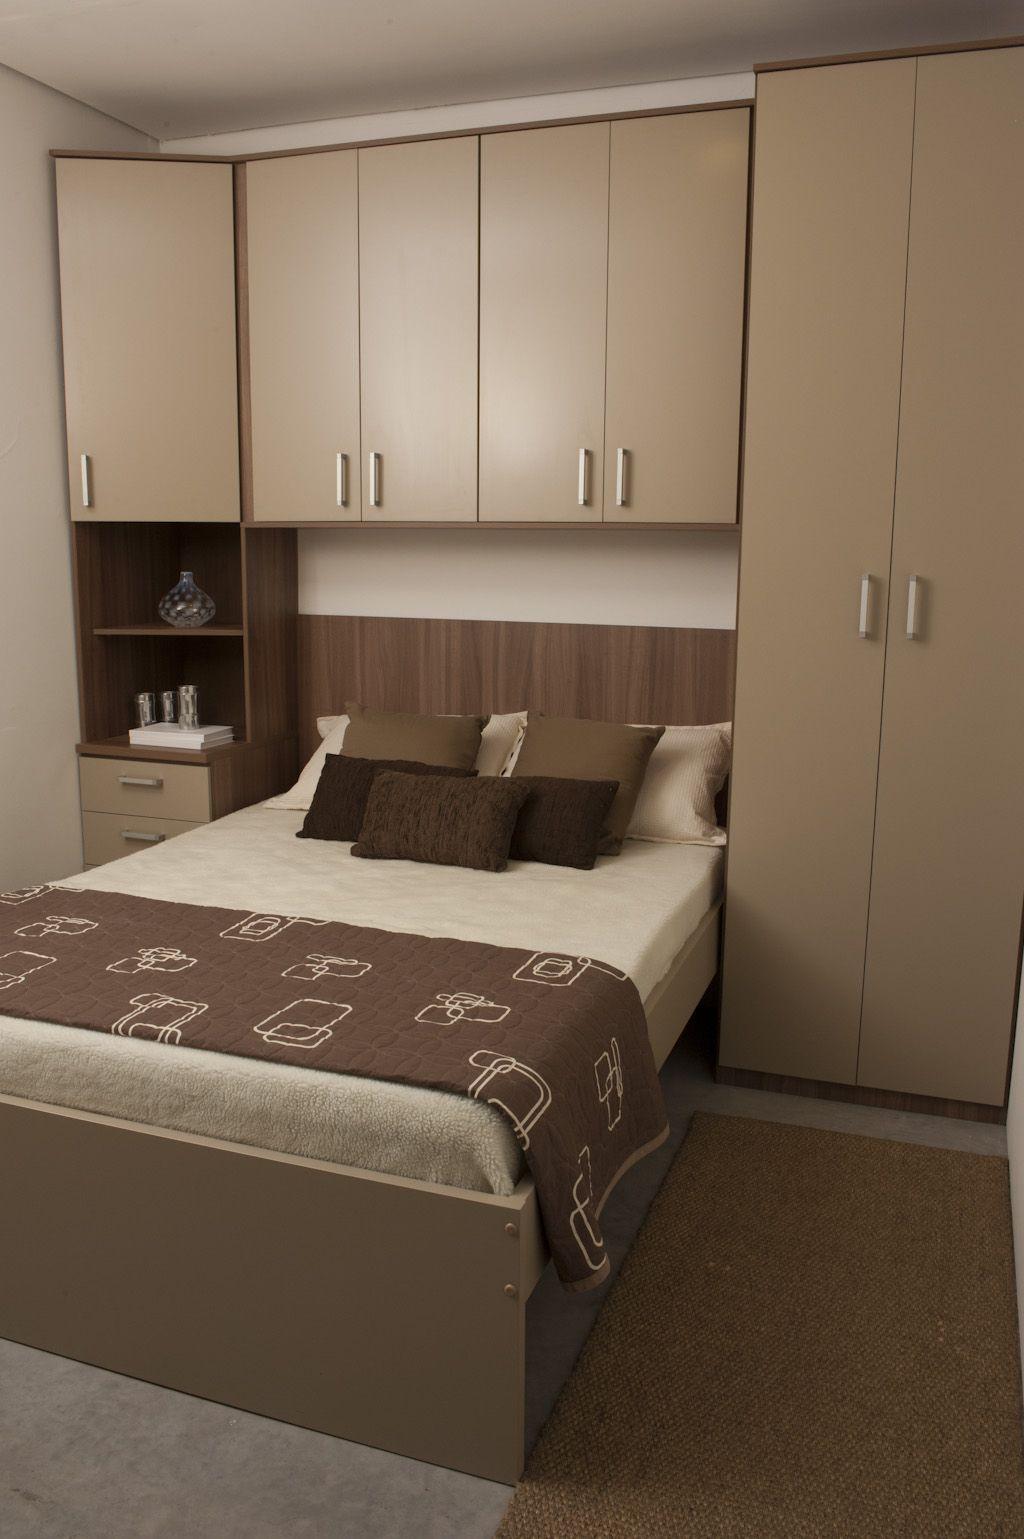 Quarto de casal planejado com cama embutida http www - Aprovechar espacio dormitorio ...